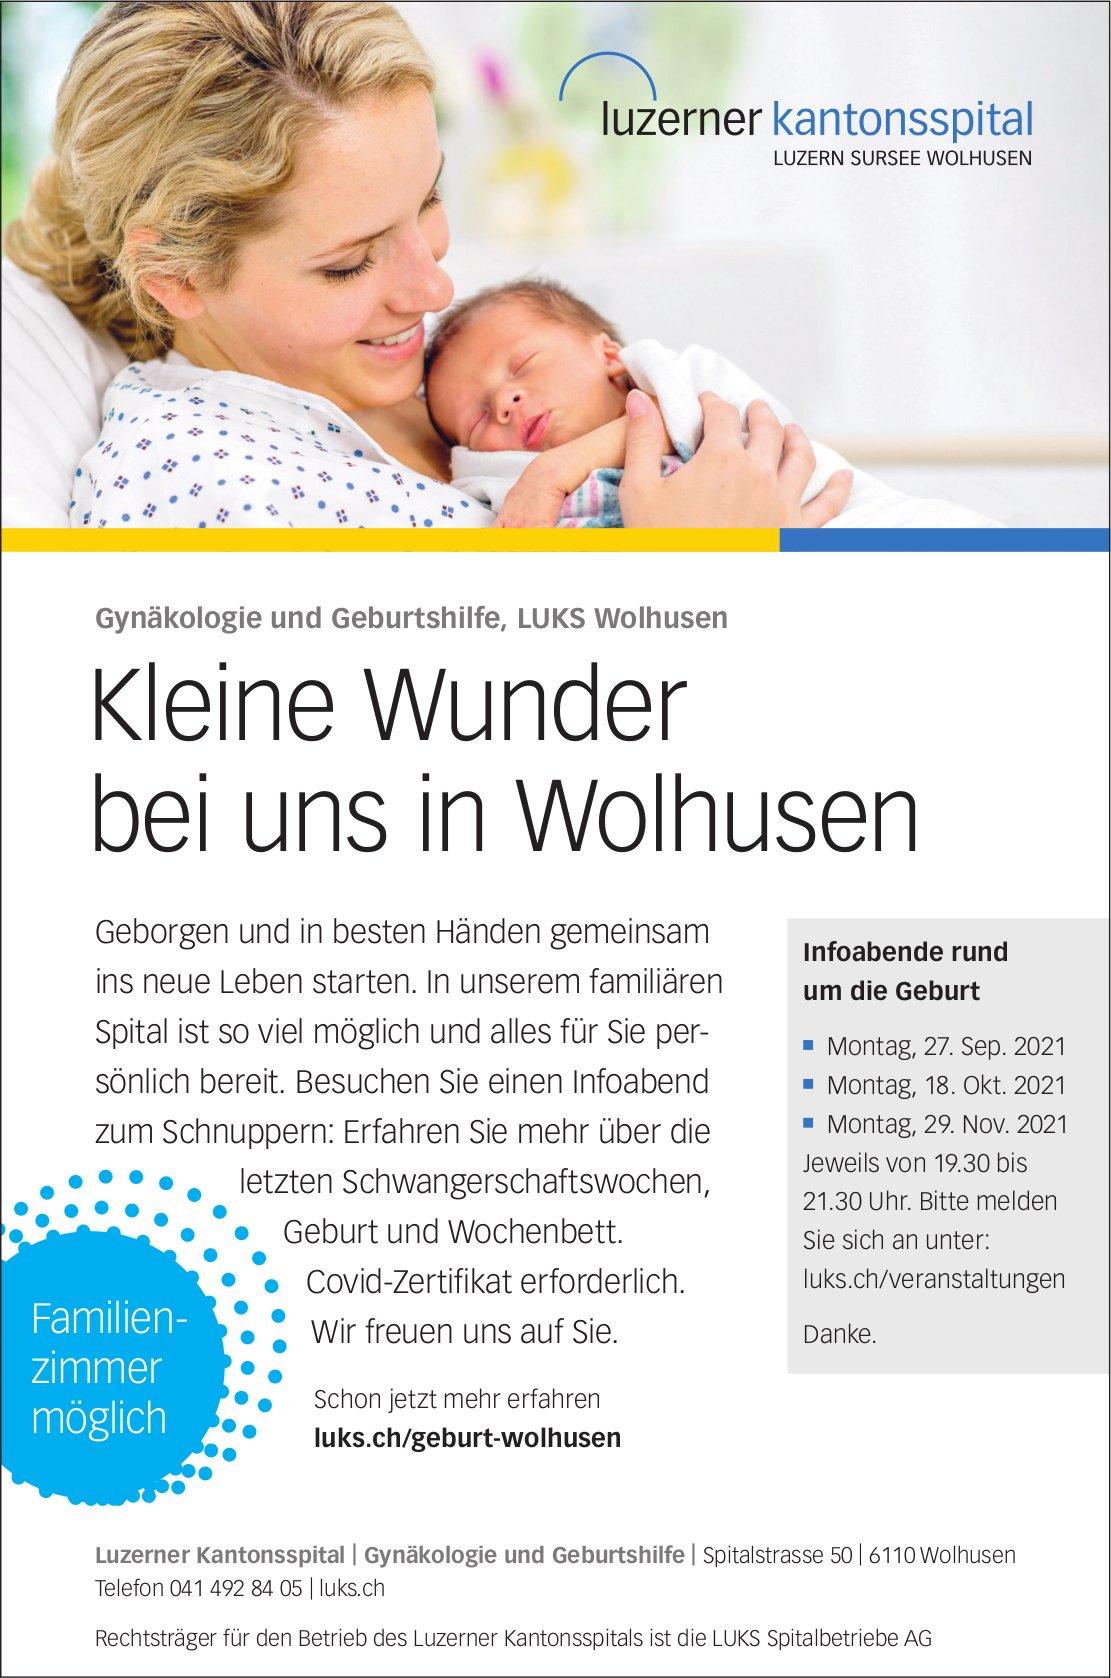 Infoabende: Kleine Wunder bei uns in Wolhusen, 27. September, 18. Oktober, 29. November, LUKS Wolhusen